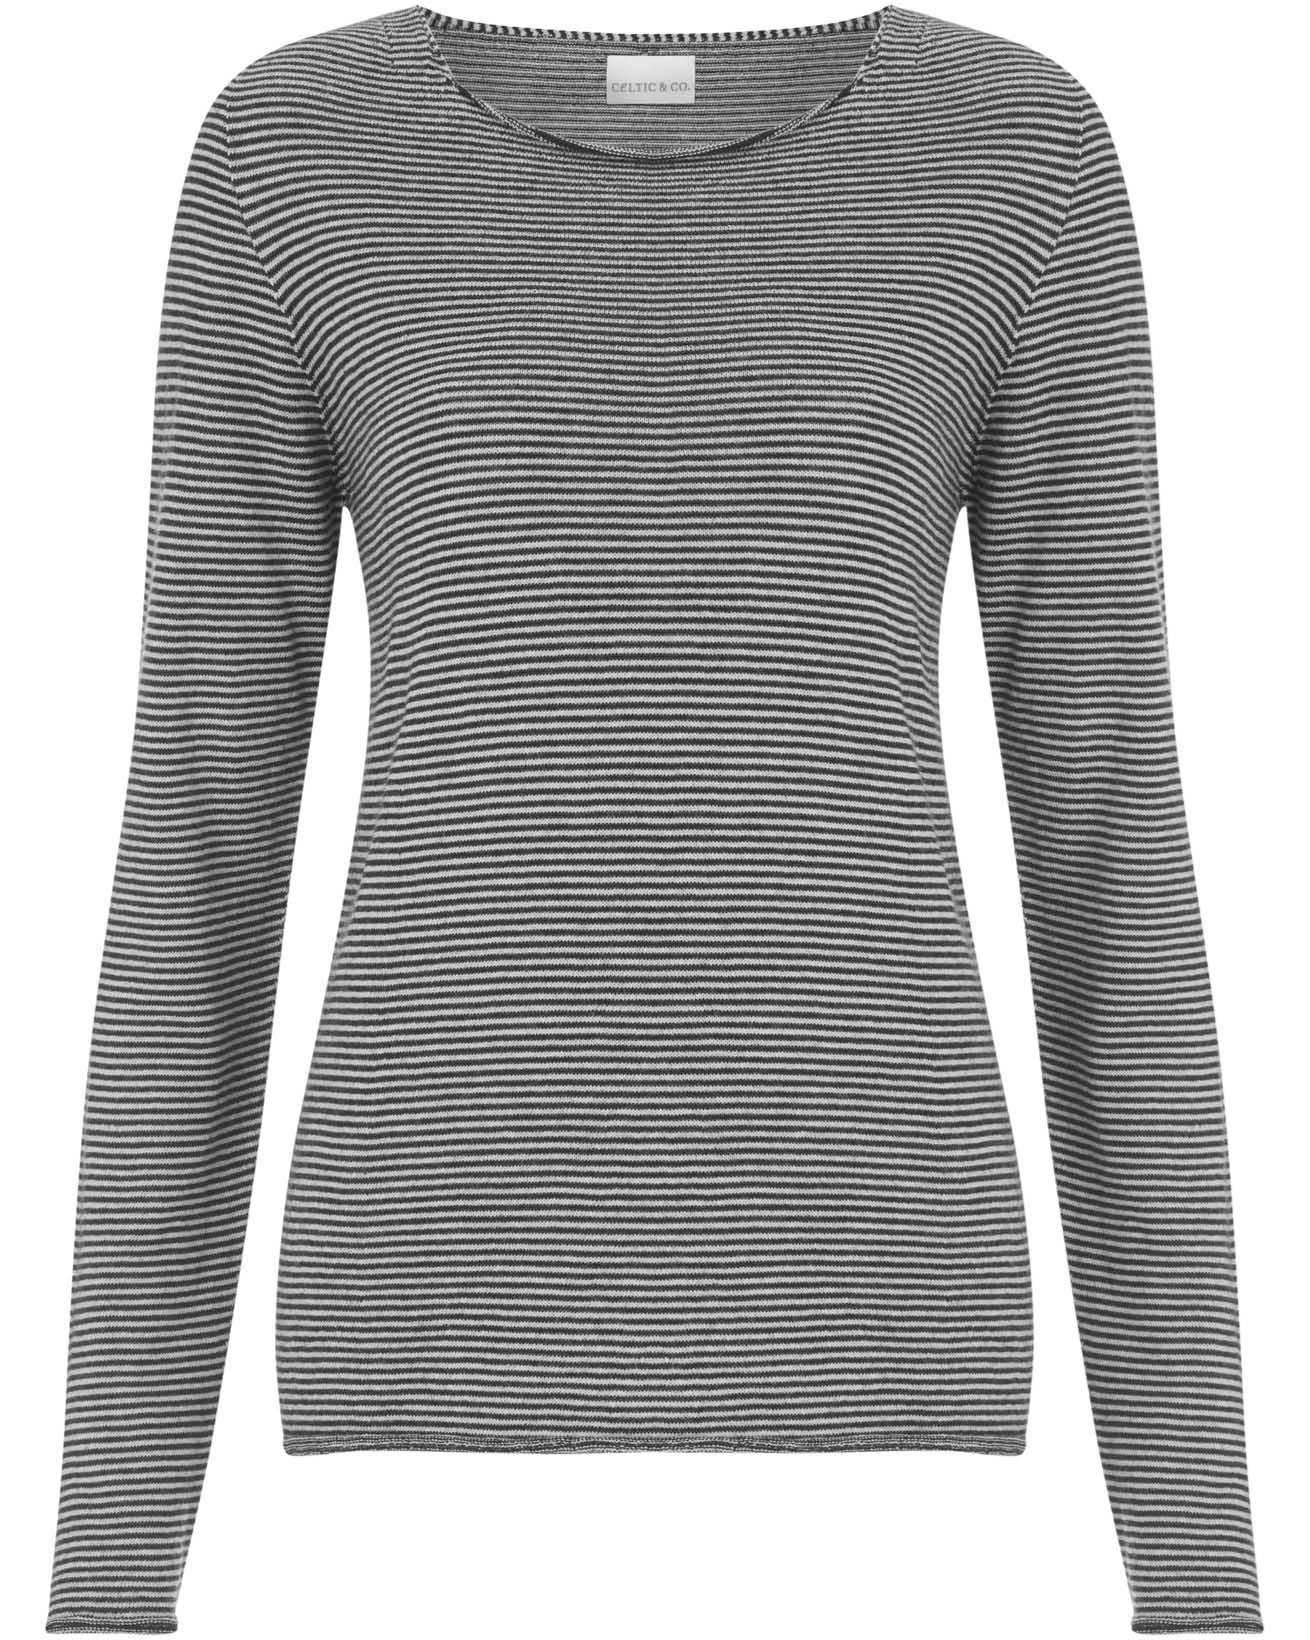 Fine Knit Merino Crew Neck - Size Extra Small - Putty Microstripe - 1565